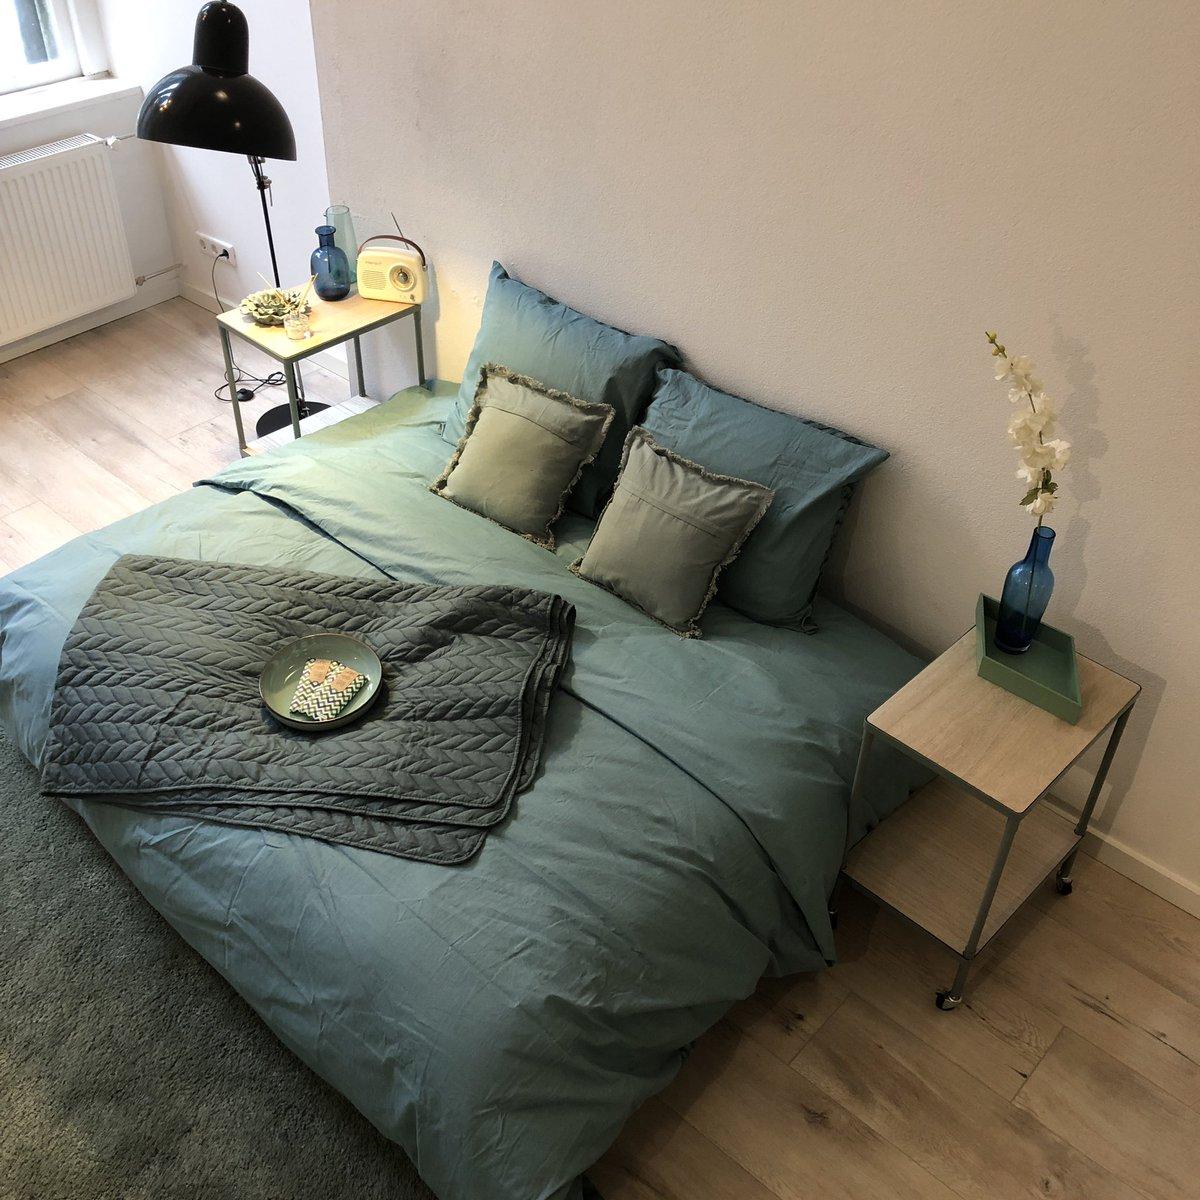 Design Luxe Slaapbank.Nr 6 Design Apartment Dordrecht On Twitter Slaapbank Wordt